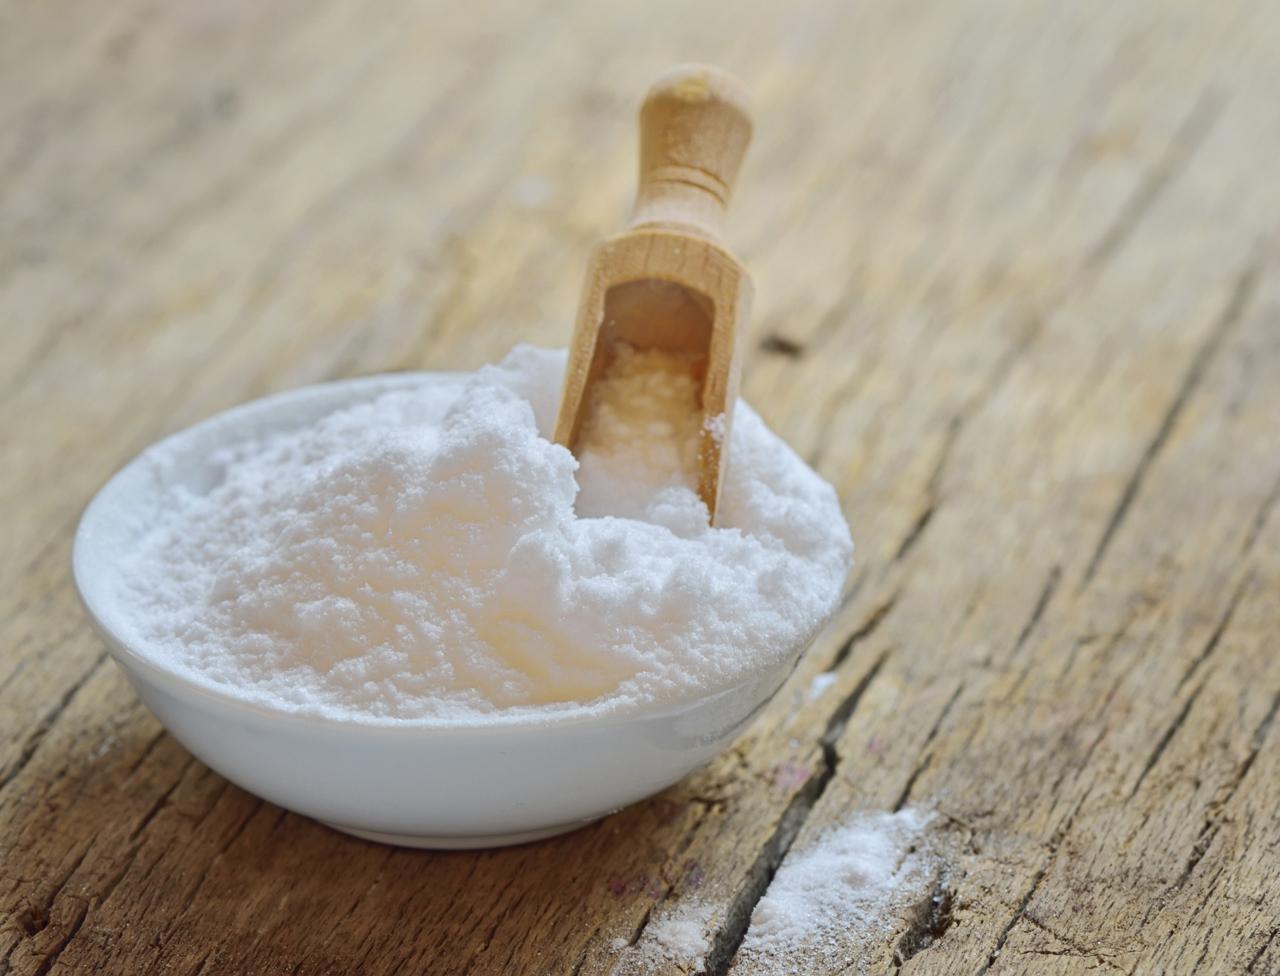 bicarbonate-de-soude-le-melanger-pour-tout-nettoyer